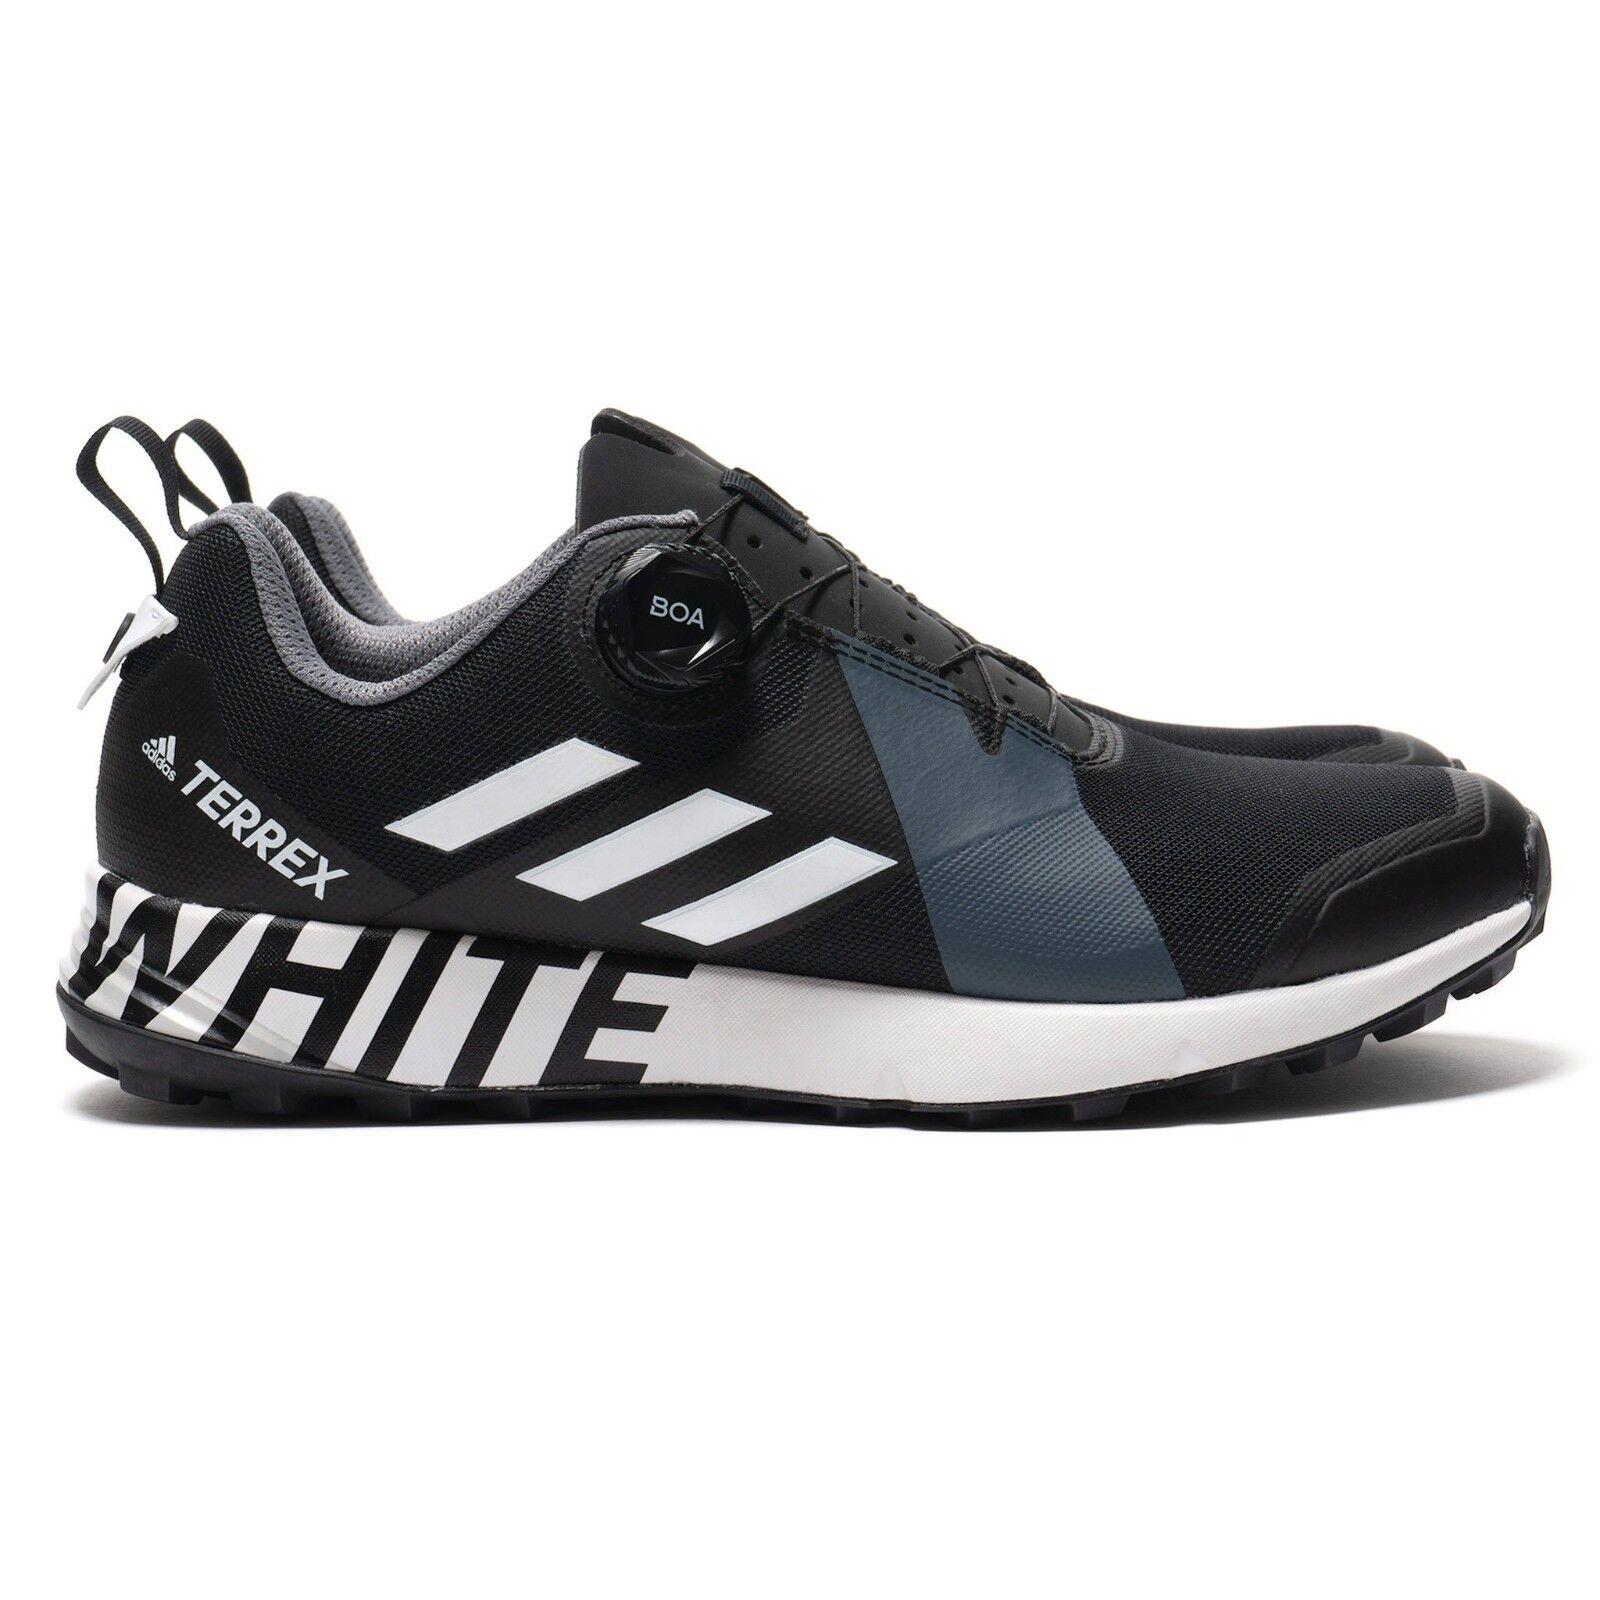 adidas männer weiße bergsteigen terrex zwei boa - wm der männer adidas in schwarz / weiß 7126f0